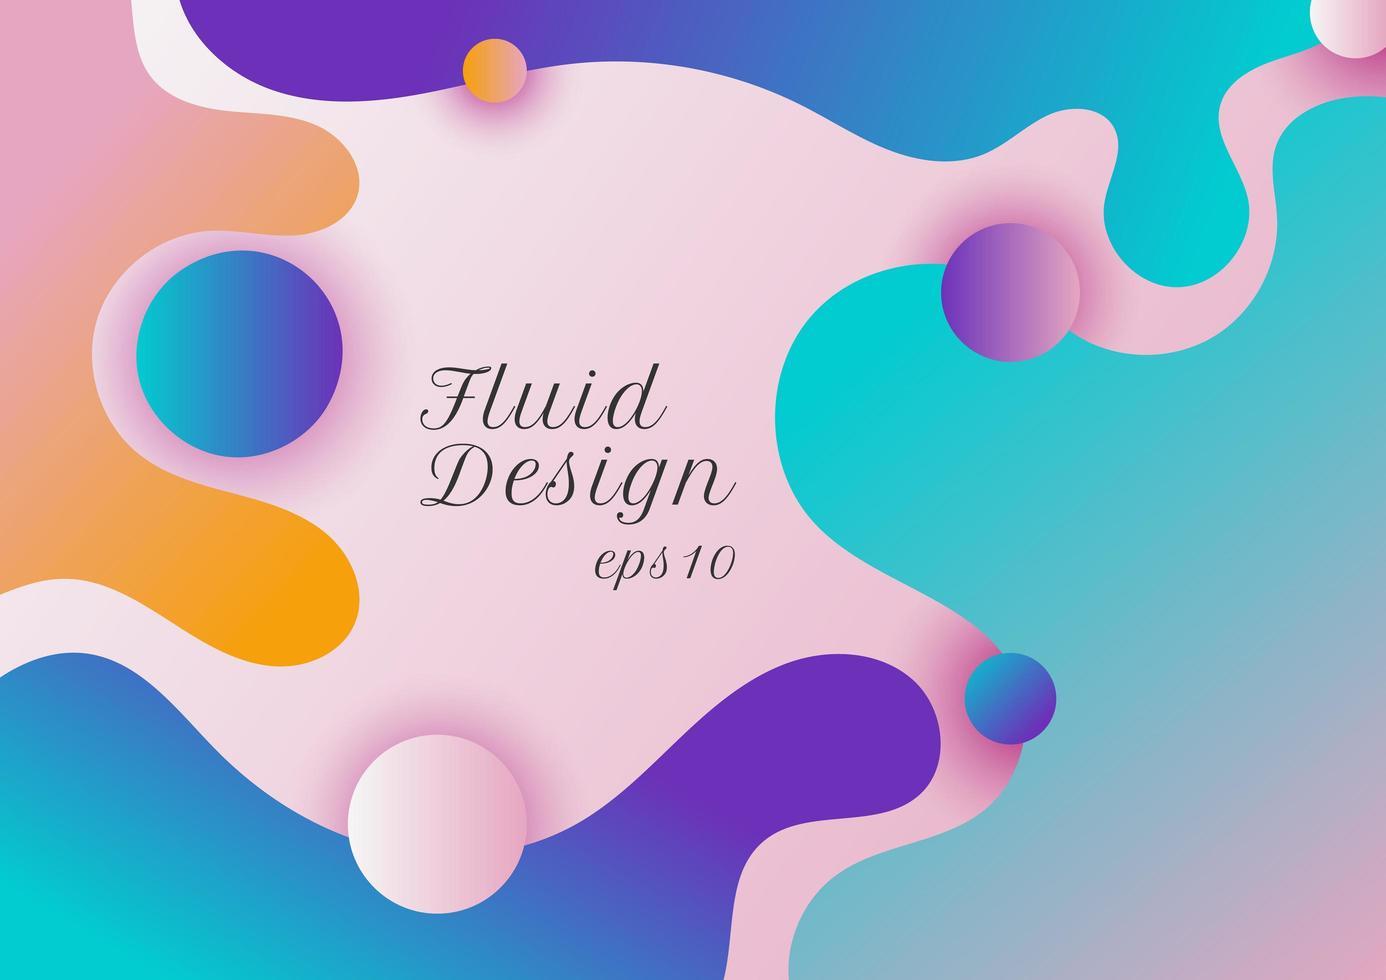 abstrakter moderner flüssiger oder flüssiger Formgradientenfarbhintergrund vektor